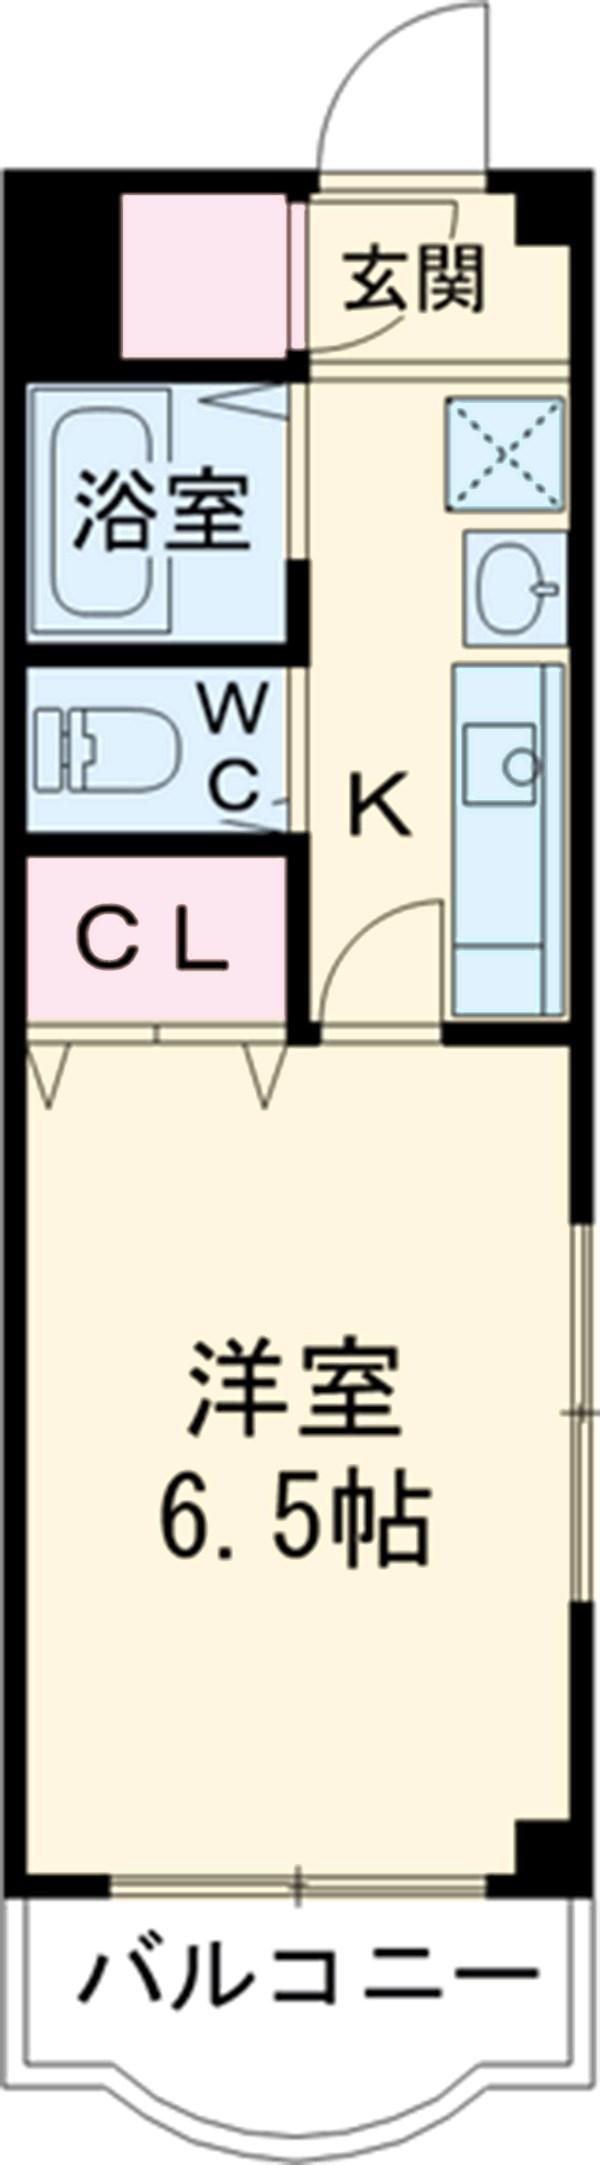 リーヴェルステージ横浜岸根公園・303号室の間取り